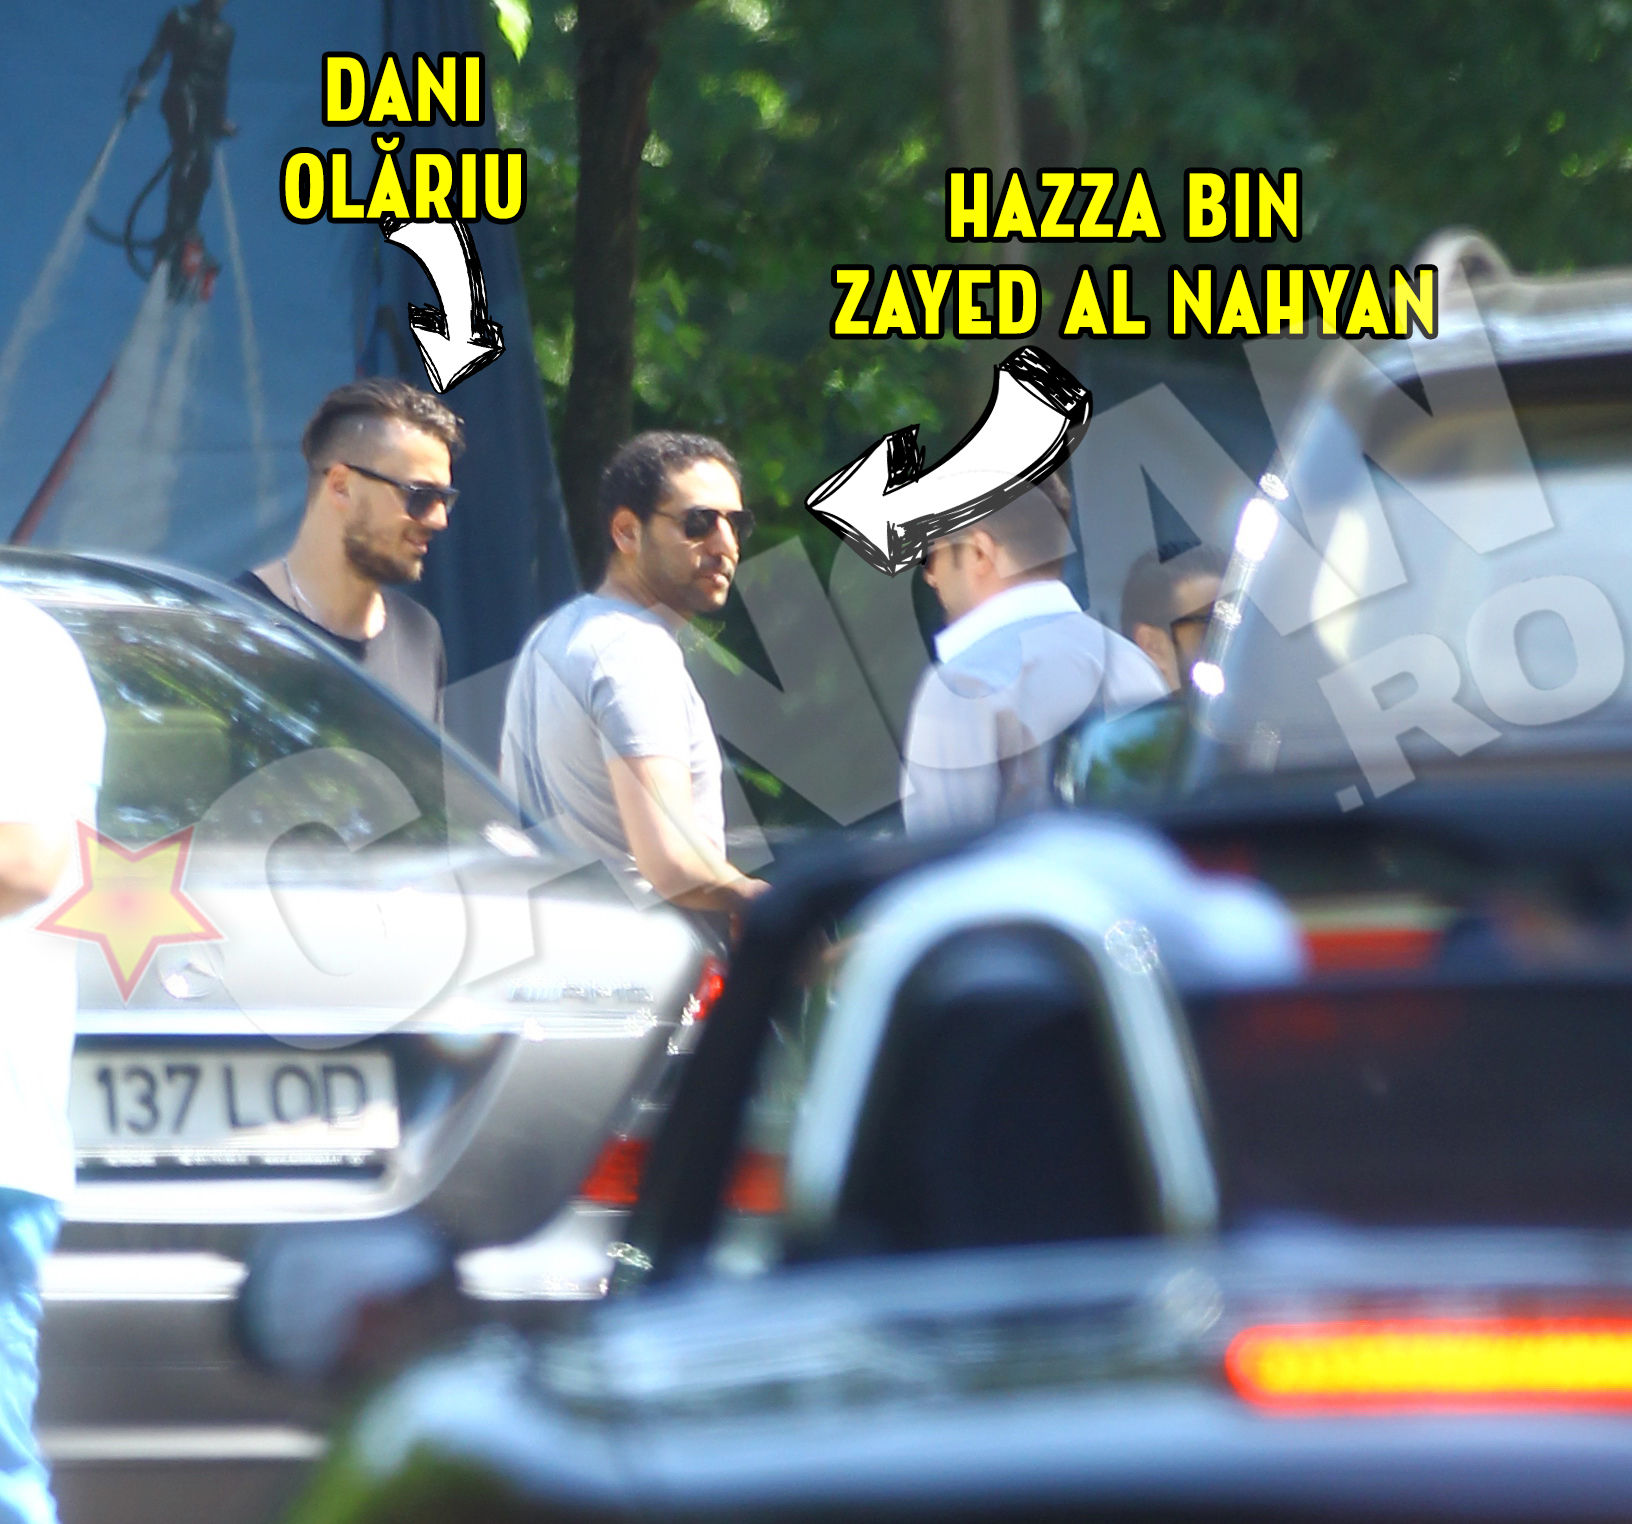 Hazza Bin Zayed Al Nahyan este unul dintre seicii care detin clubul Al Ahli